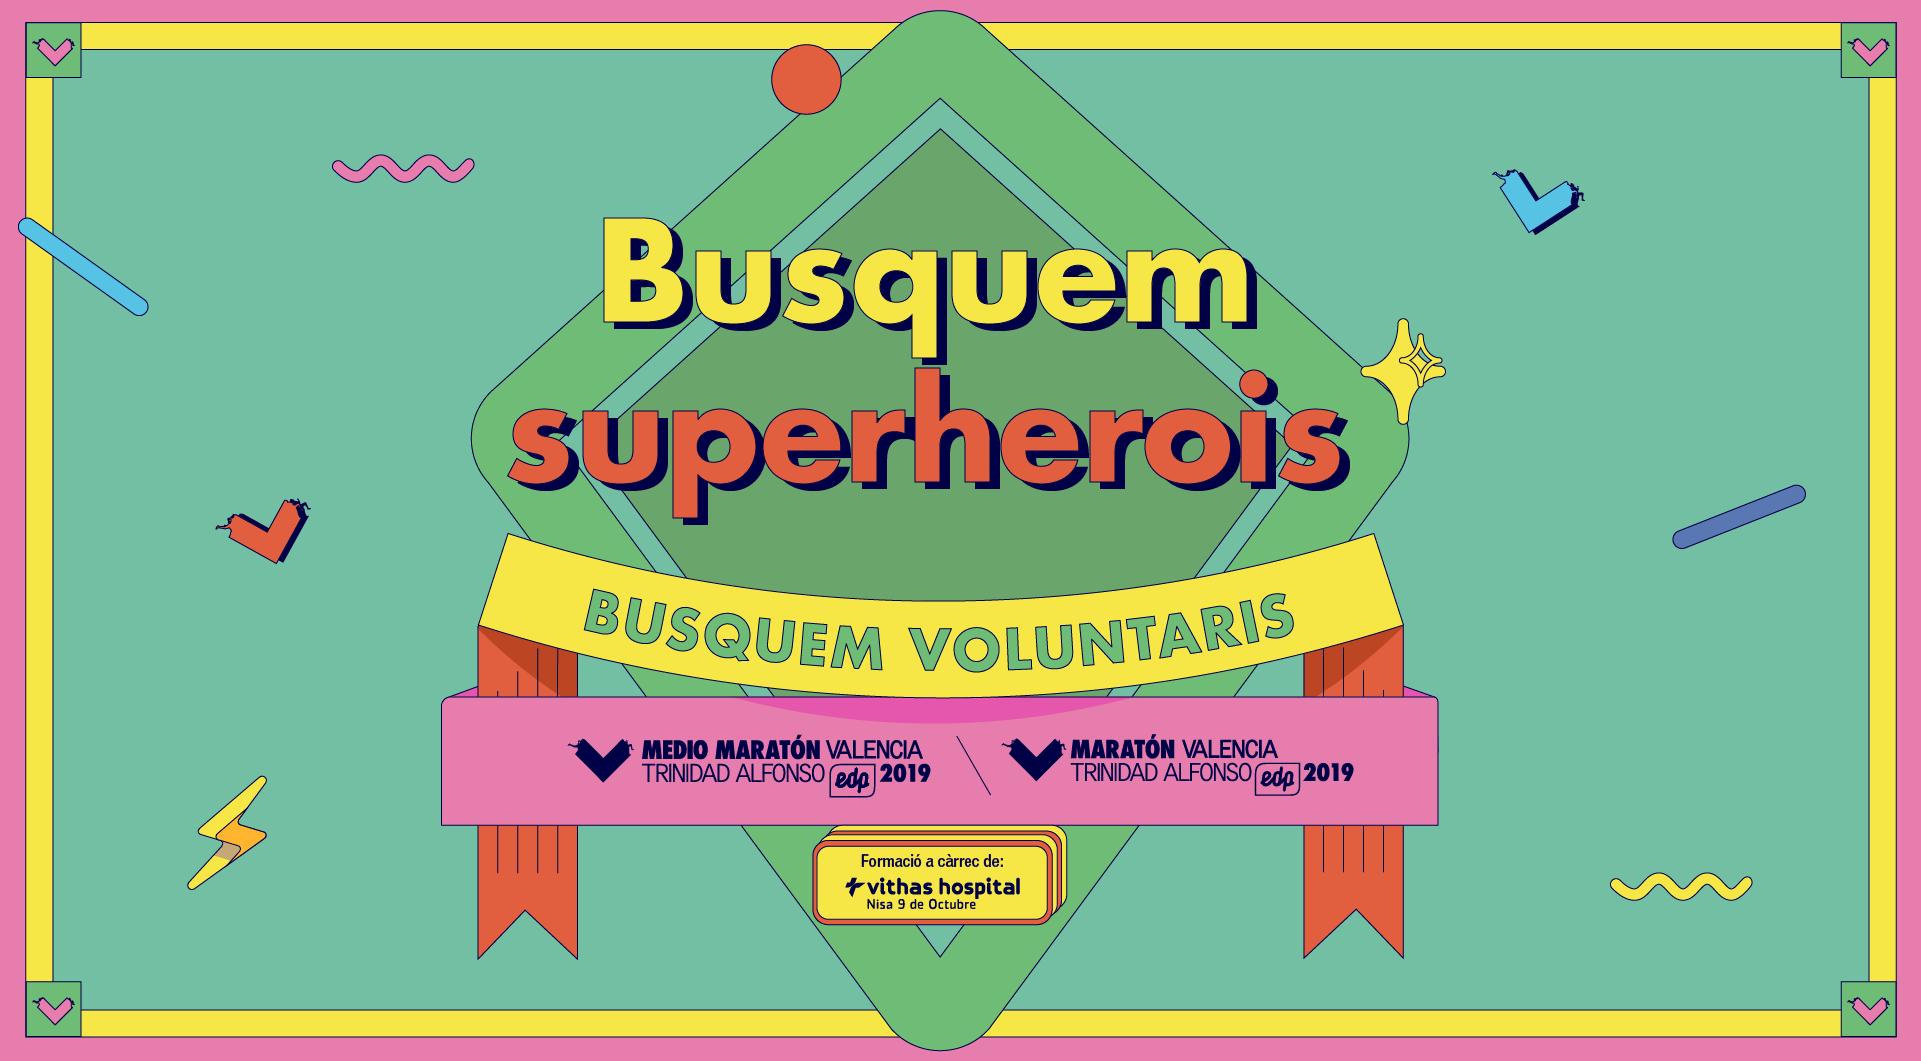 Busquem superherois - Busquem voluntaris